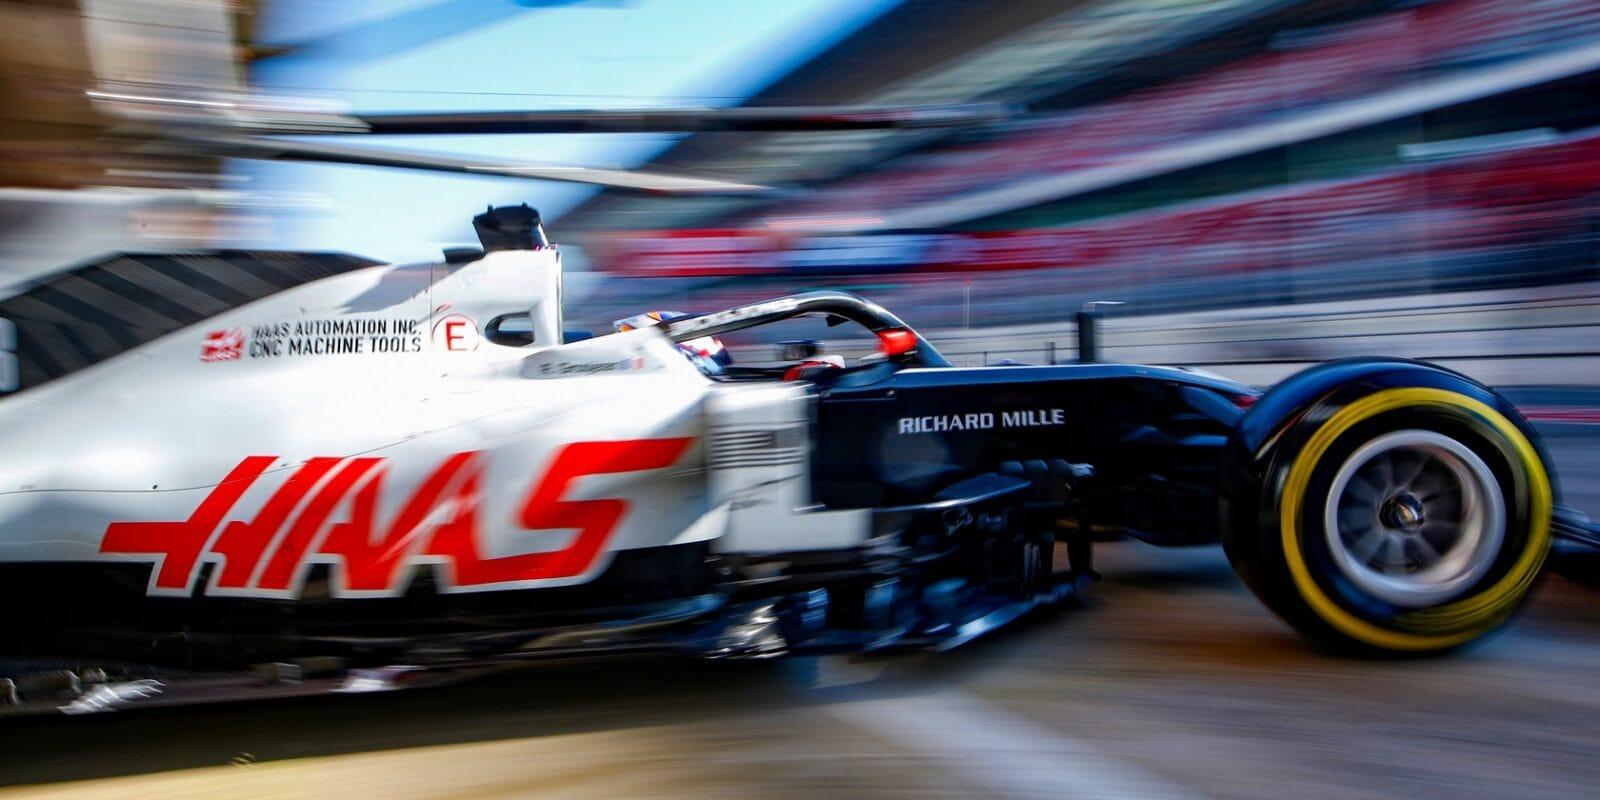 Formule 1 není sport, říká Romain Grosjean